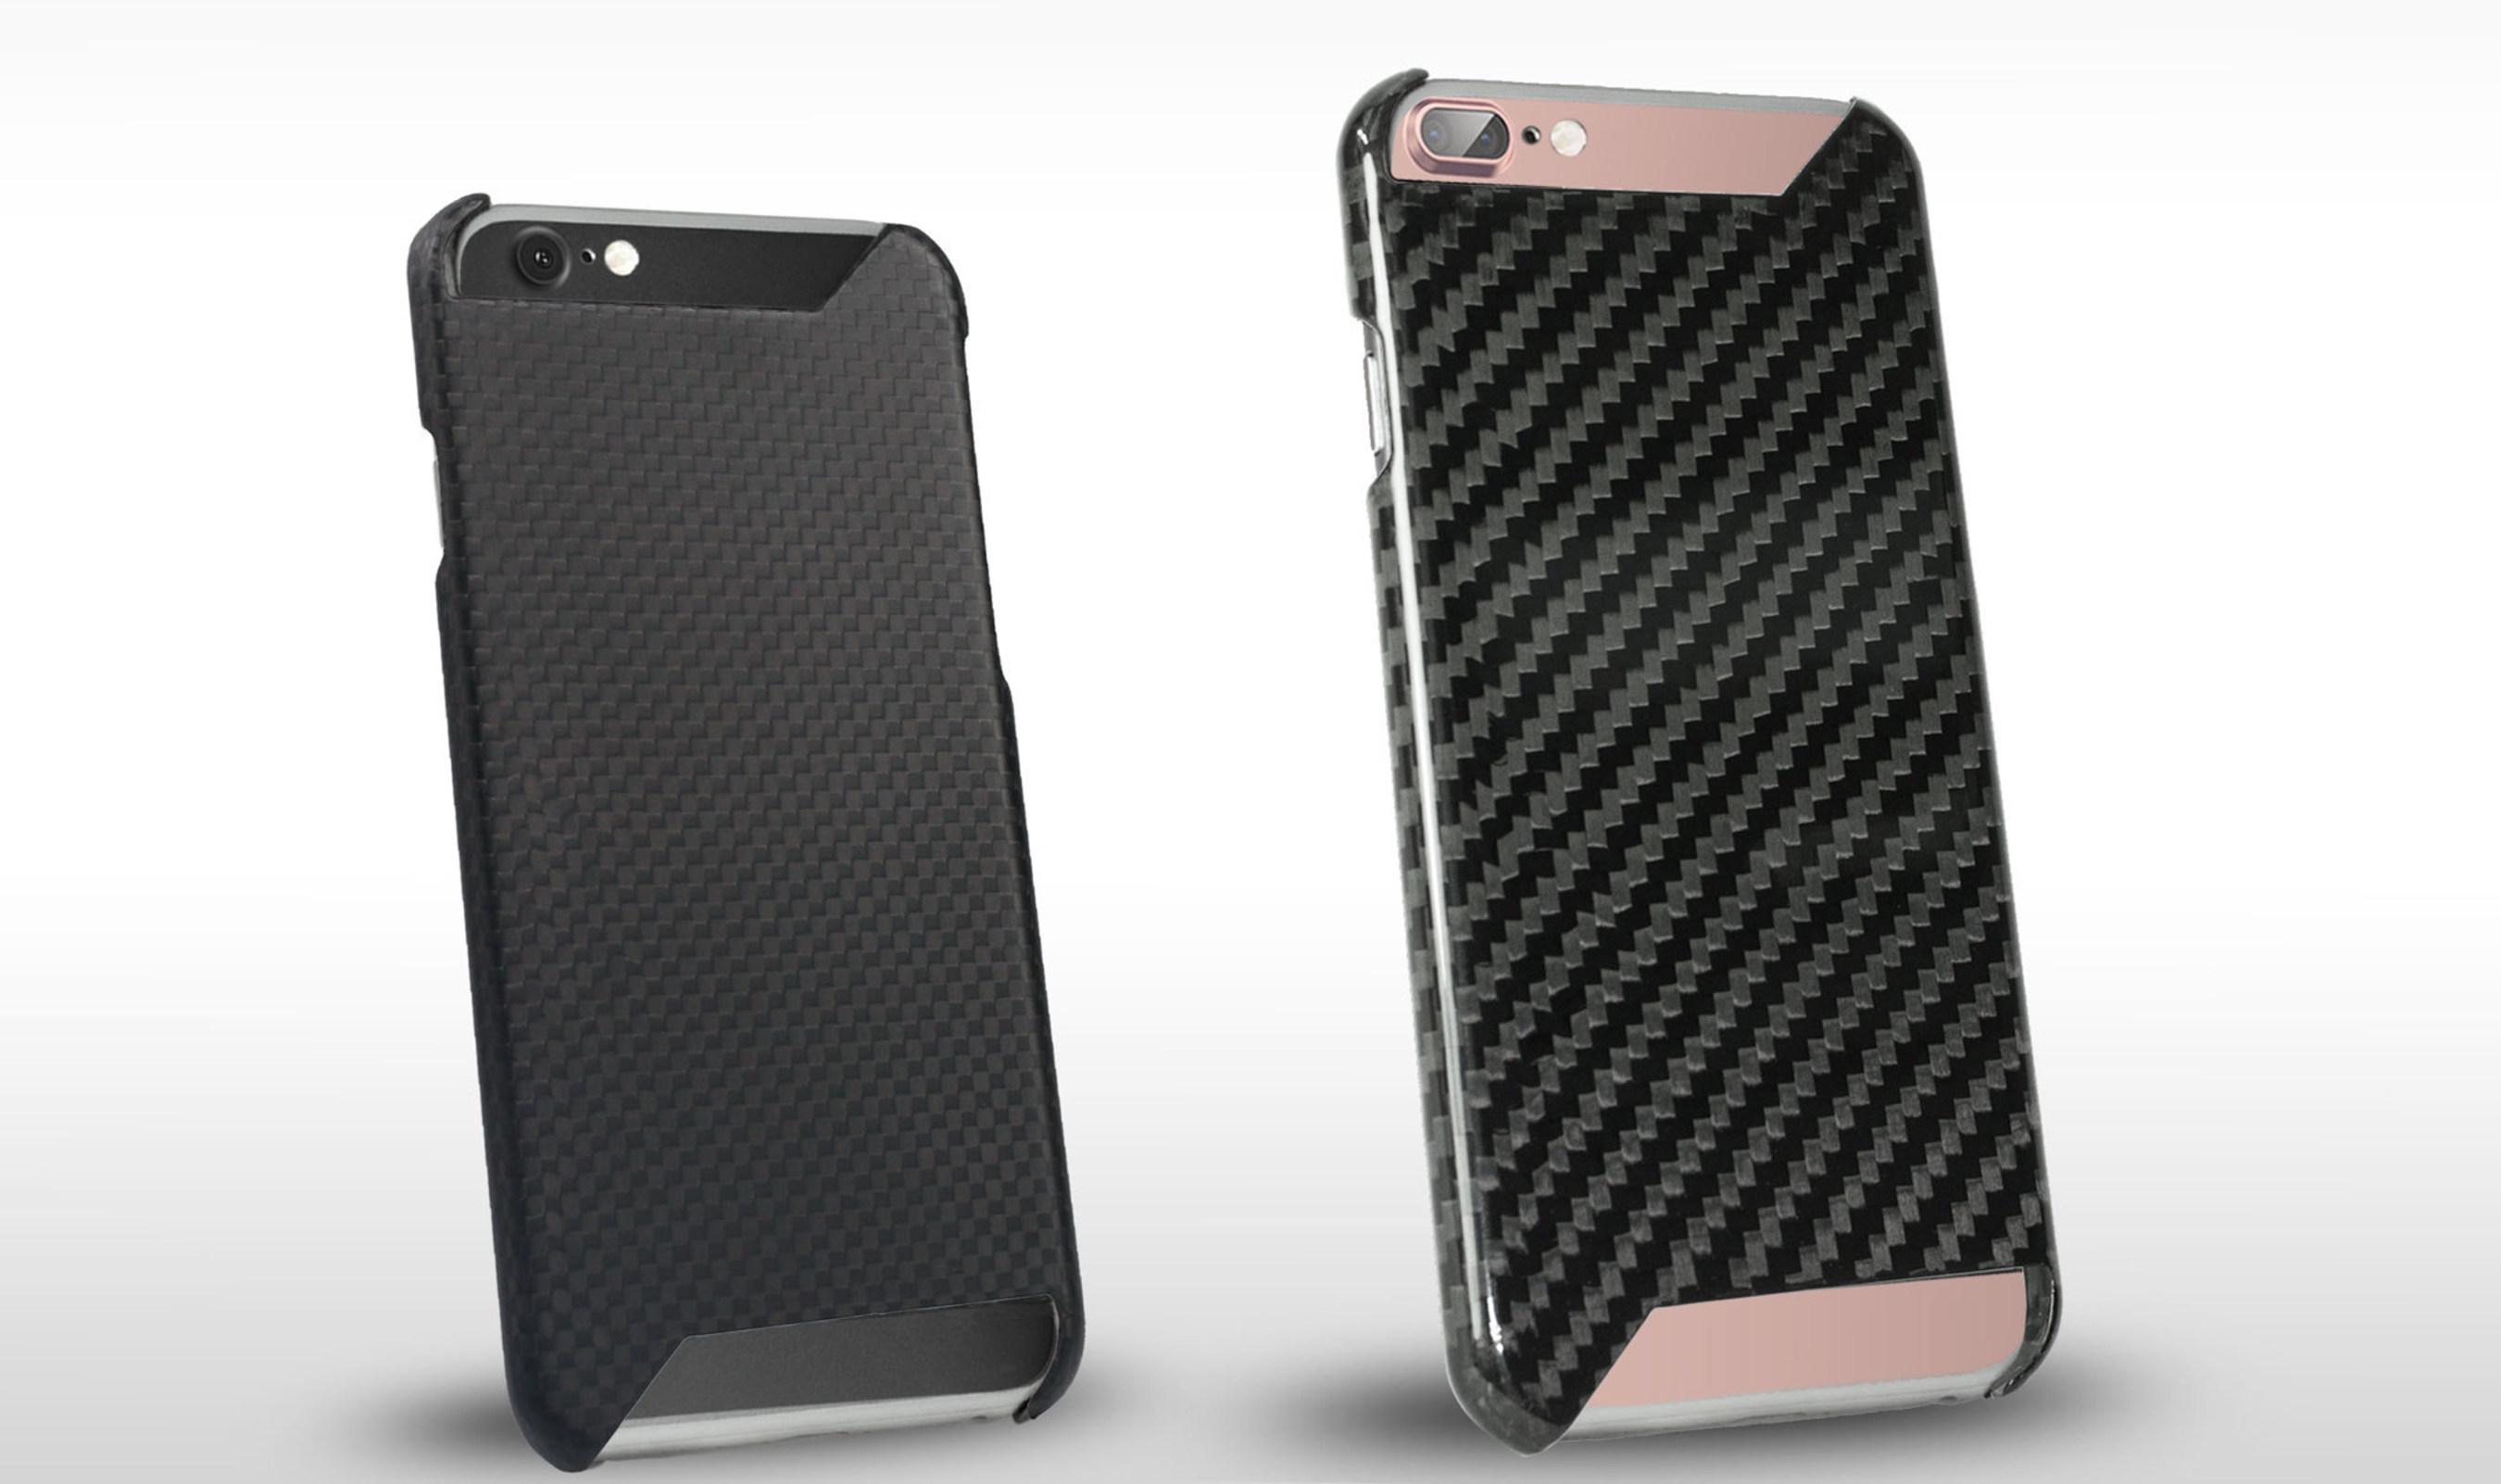 Carbon Trim Solutions Announces Carbon Fiber Cases for iPhone 7 & 7 Plus